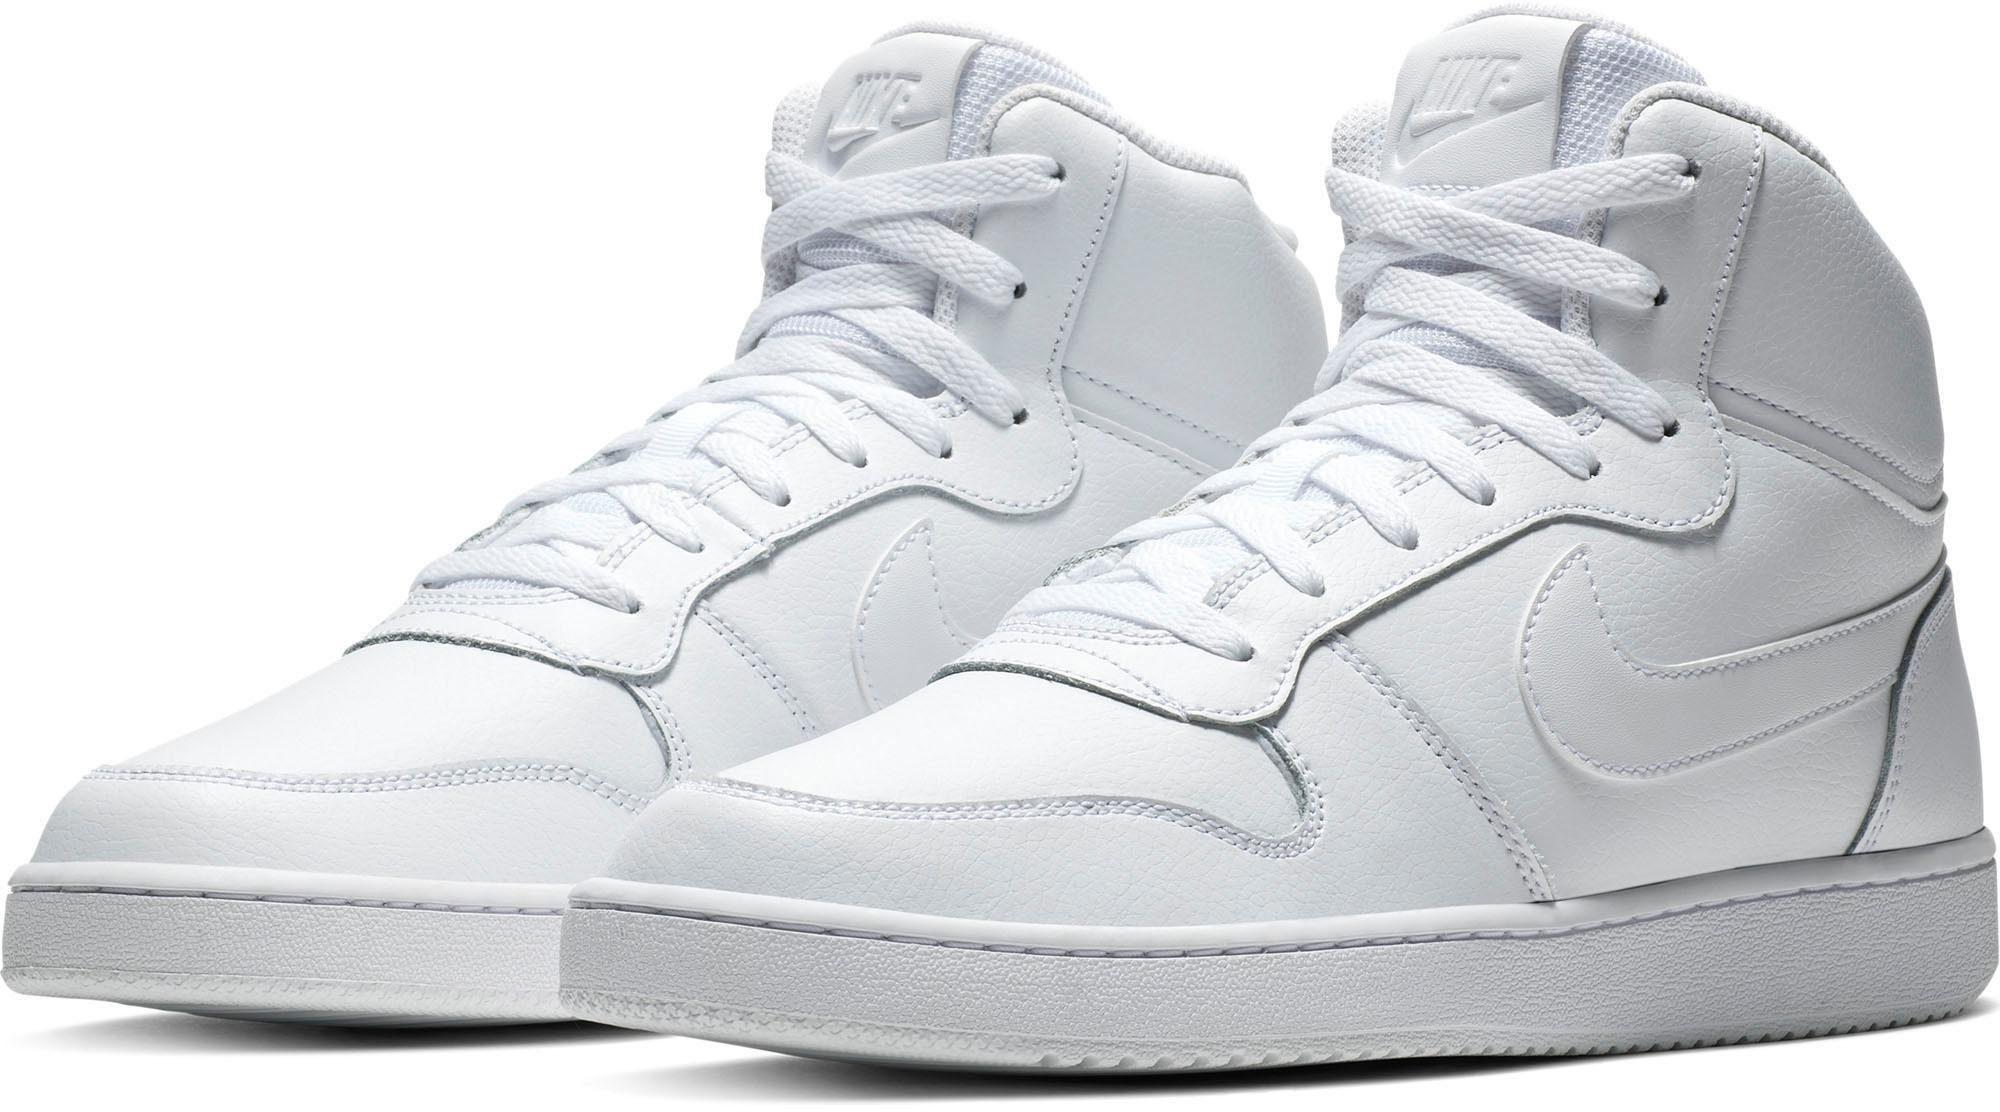 Mid« im sportlichen Nike coolen Sportswear »Ebernon SneakerBequemer Design Herrensneaker online kaufenOTTO 08kOPnXw